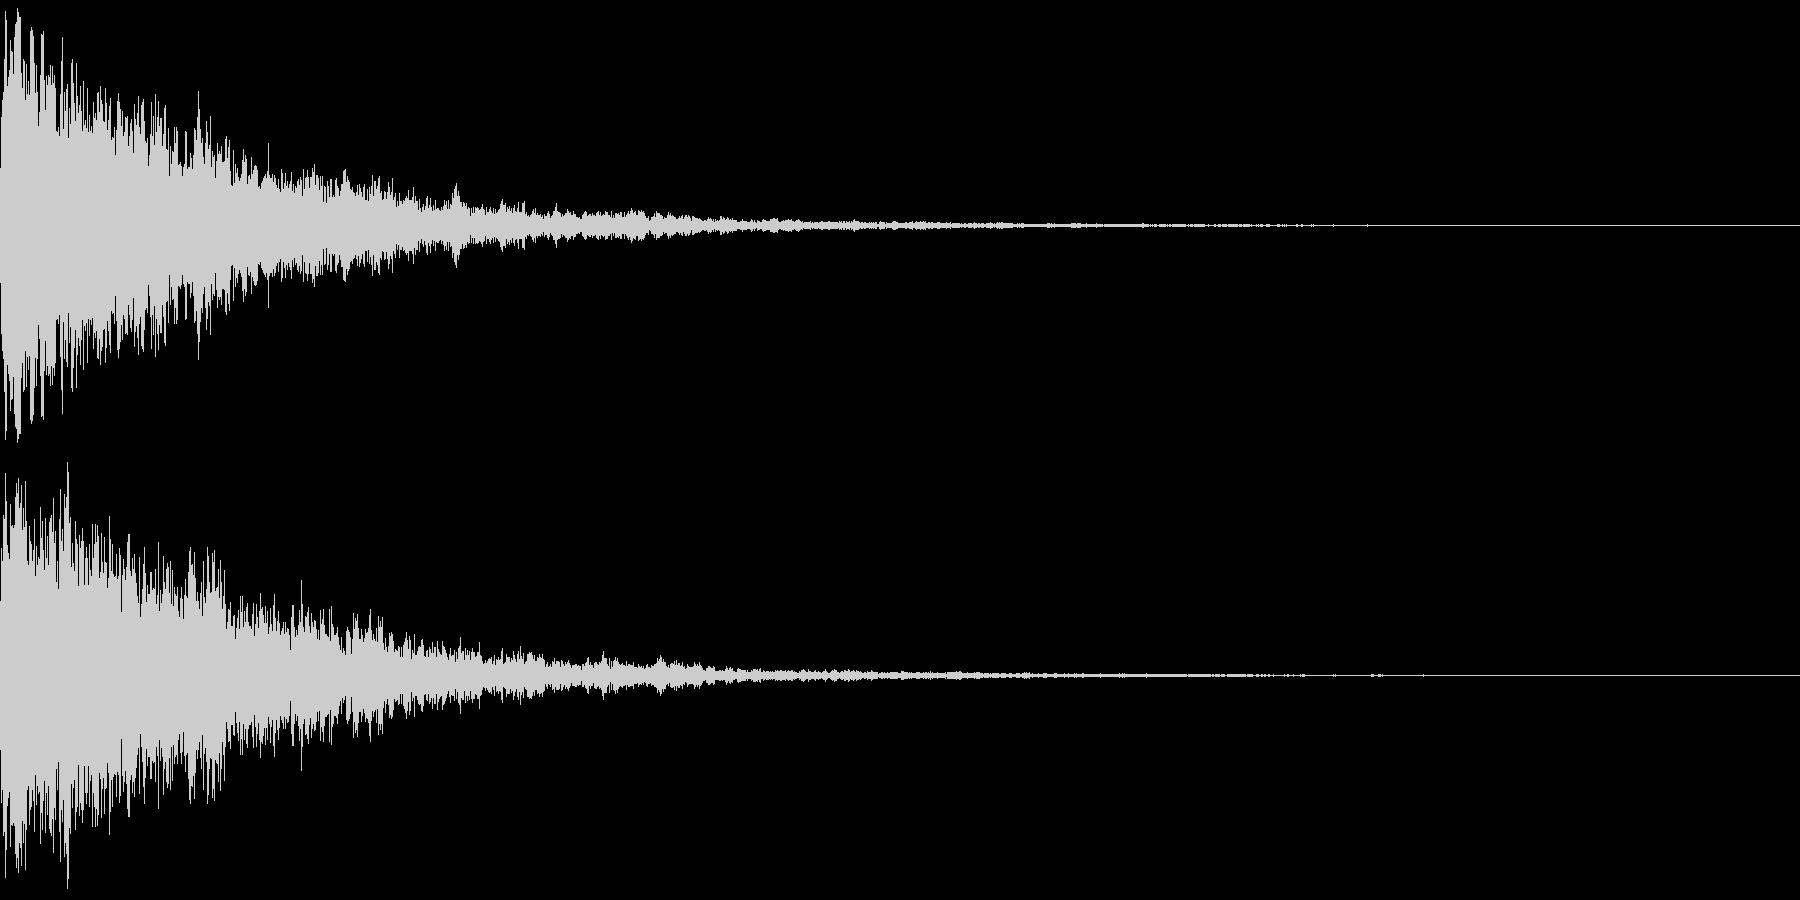 氷を思わせるワンショット効果音(弱め)の未再生の波形